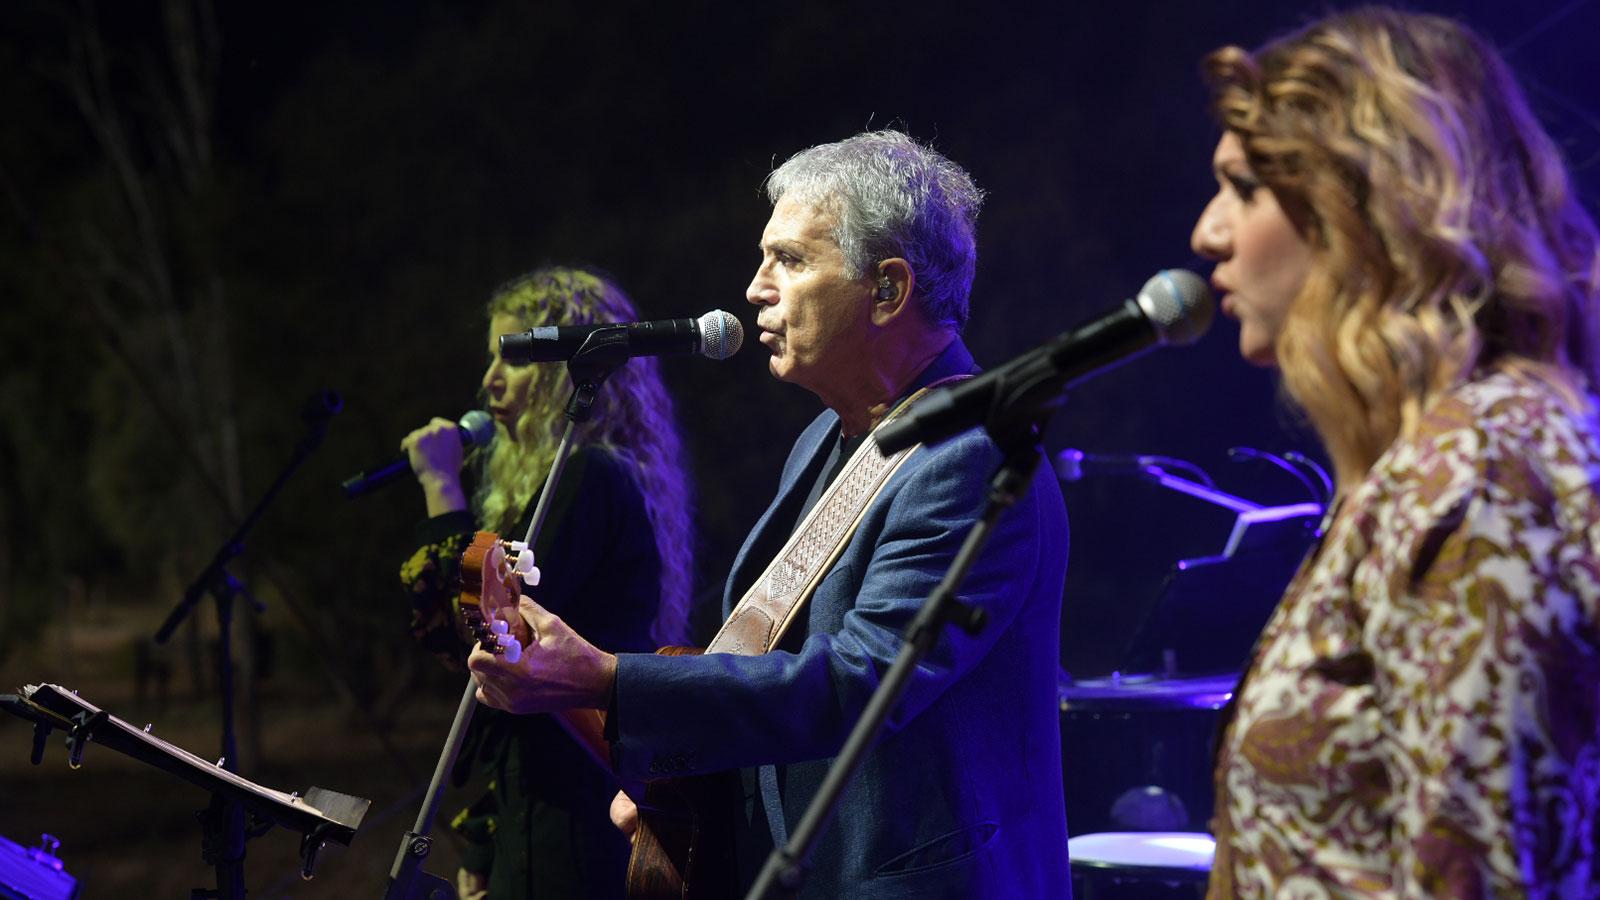 47ο Φεστιβάλ ΚΝΕ ΟΔΗΓΗΤΗ Μια μεγάλη συναυλία αφιερωμένη στον Μίκη Νταλάρας